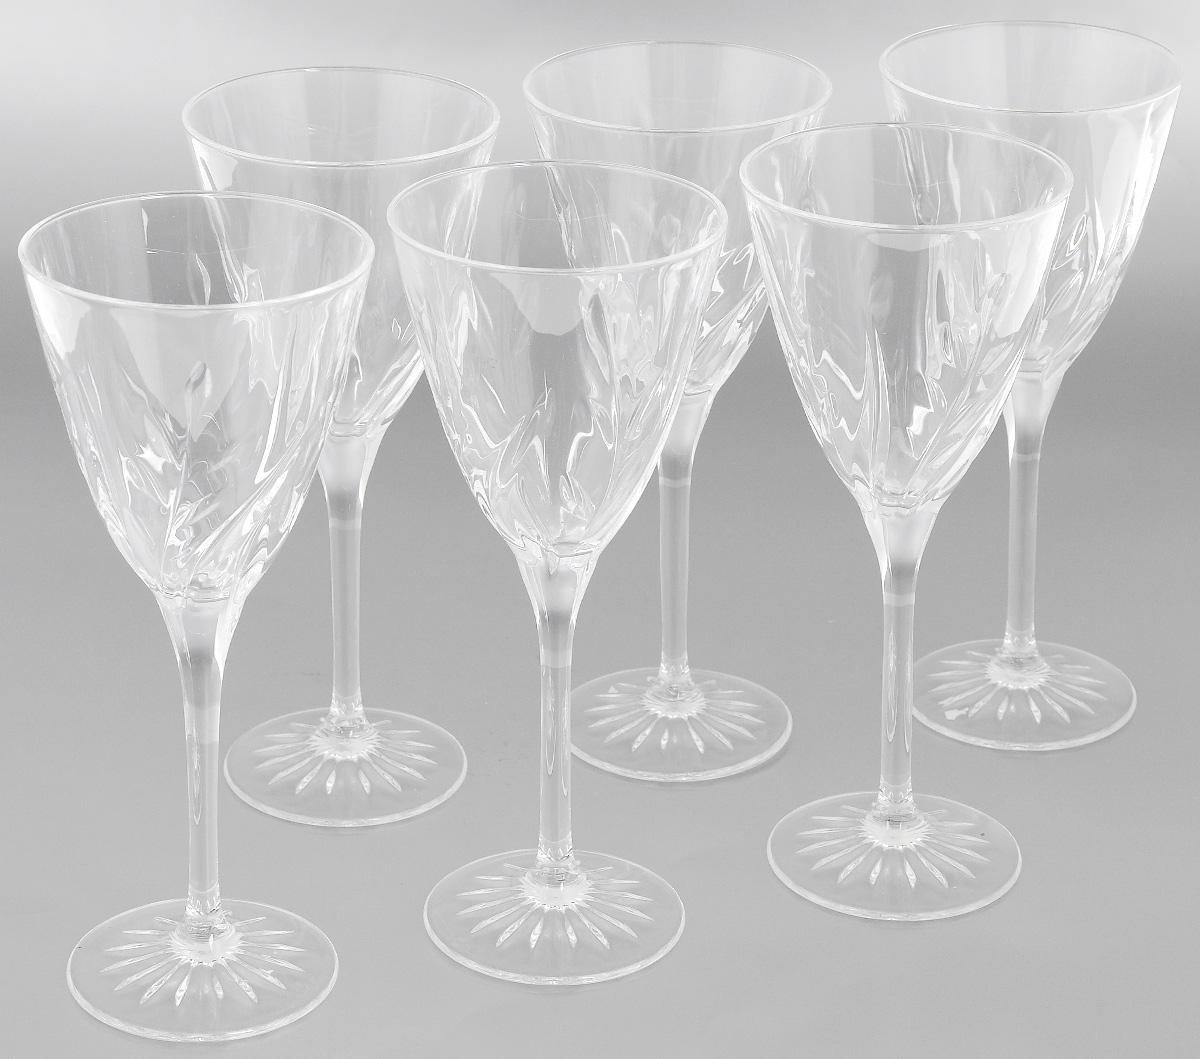 Набор фужеров Cristal dArques Cassandra, 240 мл, 6 штG5634Набор Cristal dArques Cassandra состоит из шести фужеров, выполненныхиз прочного стекла. Изделияоснащены высокими ножками и предназначены для подачи различных напитков.Они сочетают всебе элегантный дизайн и функциональность. Благодаря такому набору питьнапитки будет ещевкуснее. Набор фужеров Cristal dArques Cassandra прекрасно оформит праздничныйстол и создаст приятнуюатмосферу за романтическим ужином. Такой набор также станет хорошимподарком к любомуслучаю.Диаметр фужера (по верхнему краю): 8,7 см.Диаметр основания: 7 см. Высота фужера: 21 см.